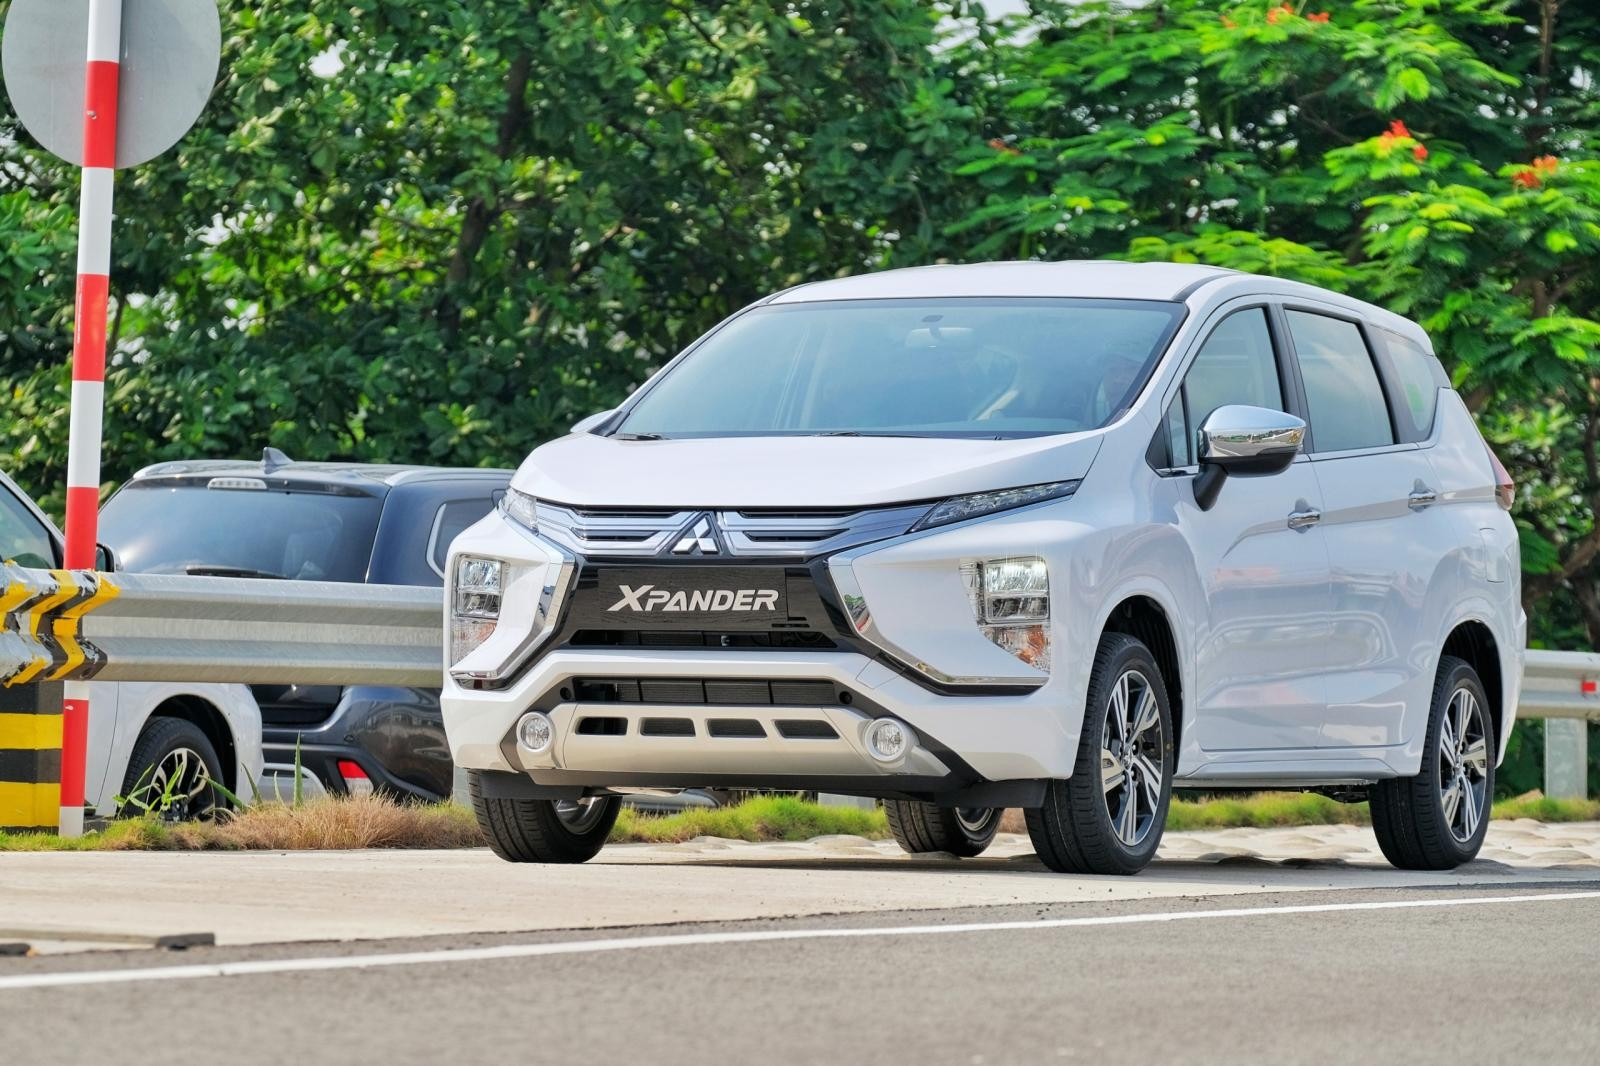 """Top 10 xe bán chạy: Toyota Vios """"lâm nguy"""", Xpander lần đầu bị vượt mặt doanh số sau 3 năm - Ảnh 6."""